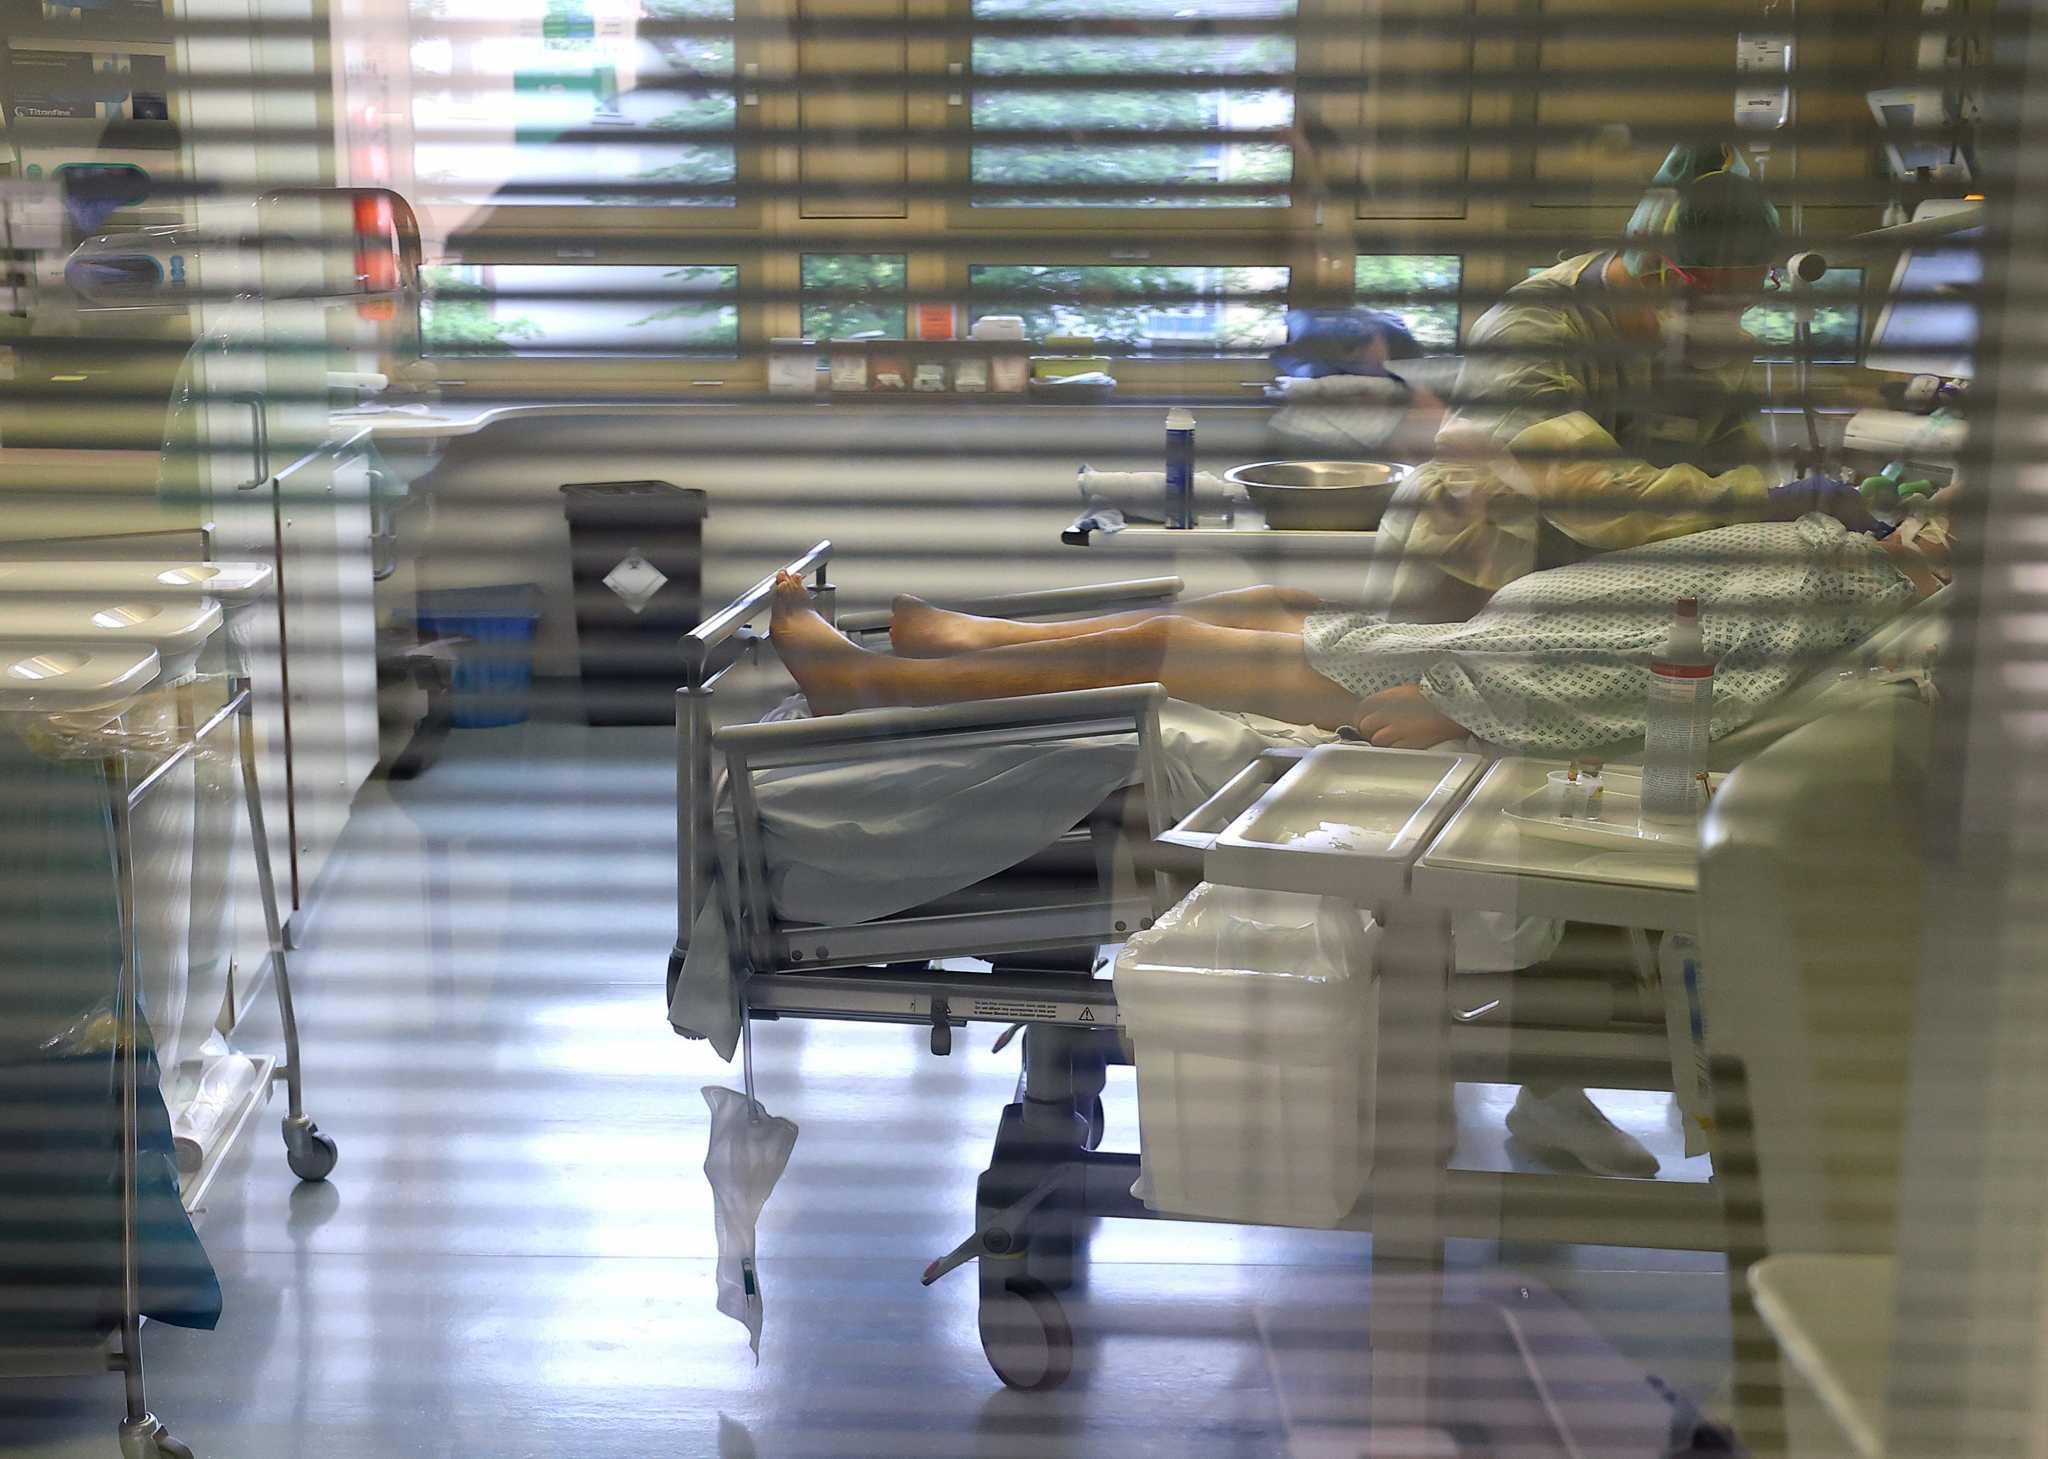 Βέλγιο: Φιλοξενούμενοι σε γηροκομείο κόλλησαν την «ινδική» μετάλλαξη και οι νοσηλευτές την «βρετανική»